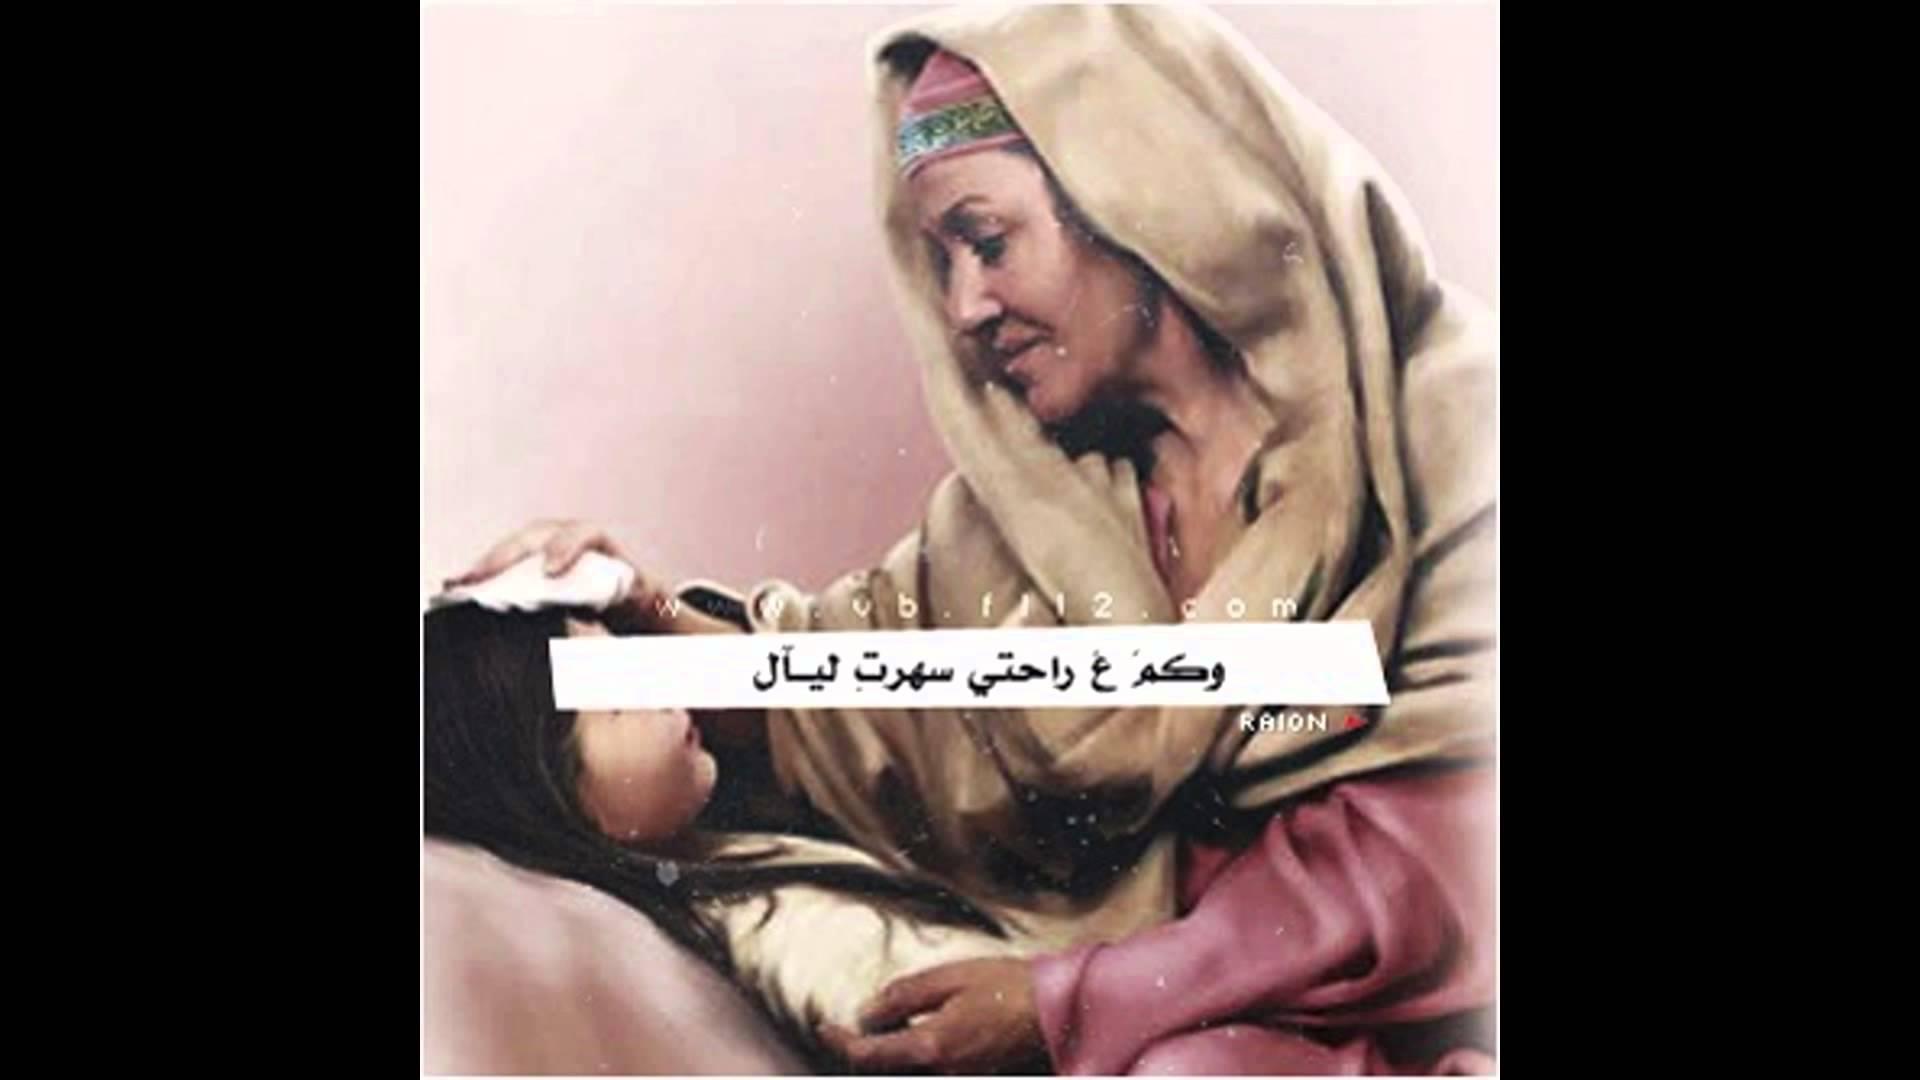 بالصور صور عن الام و الاب , صور لعطف و حنان الام و الاب unnamed file 157